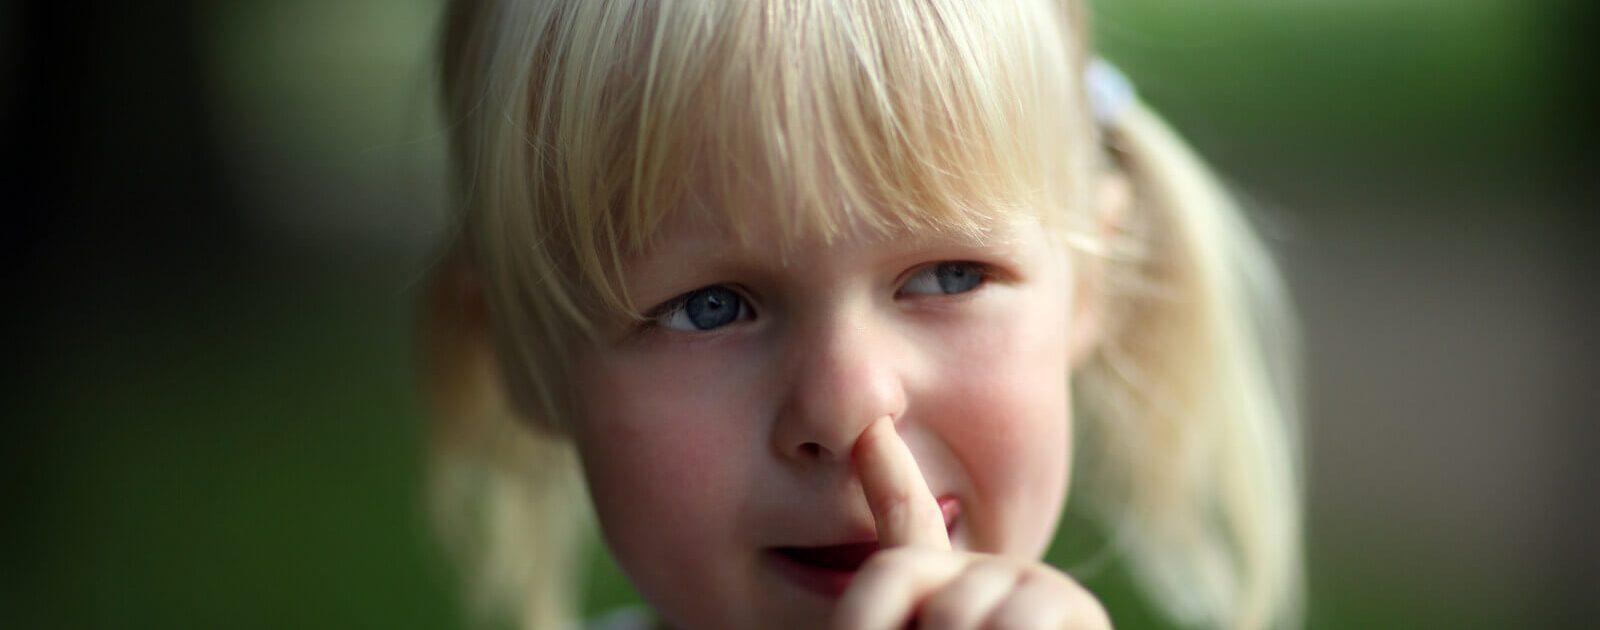 Ein kleines Mädchen beim Nasenbohren.